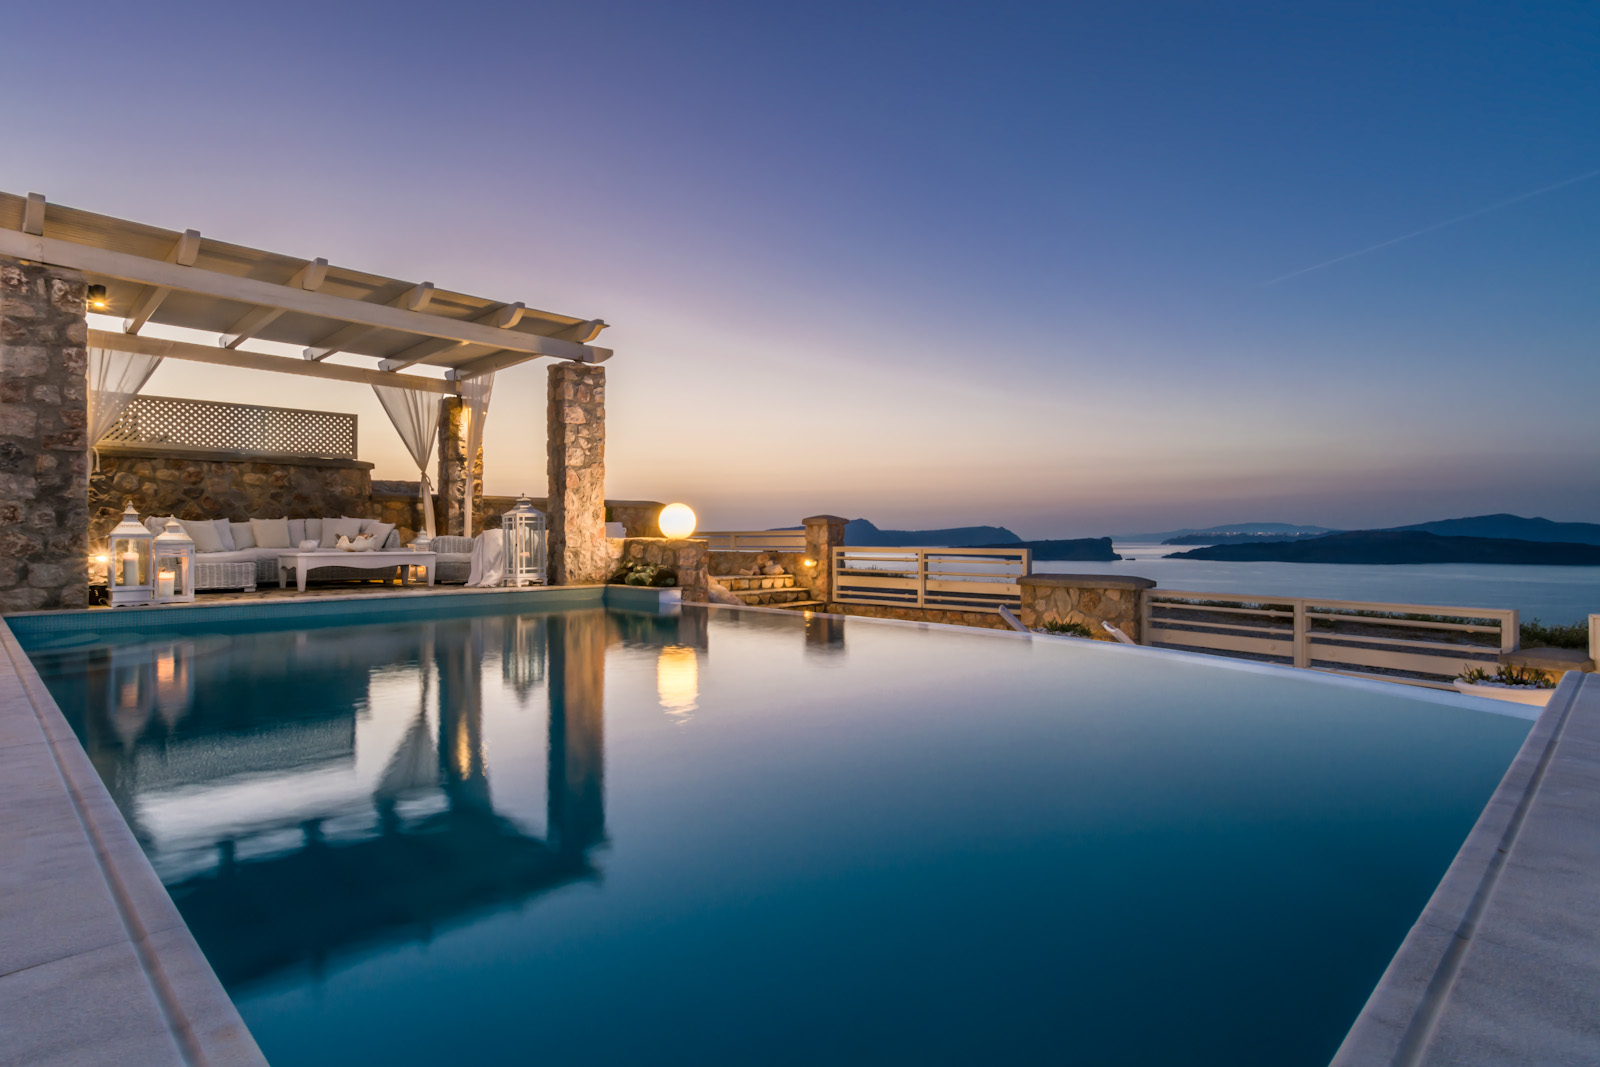 santorini villas 5 bedrooms sunset